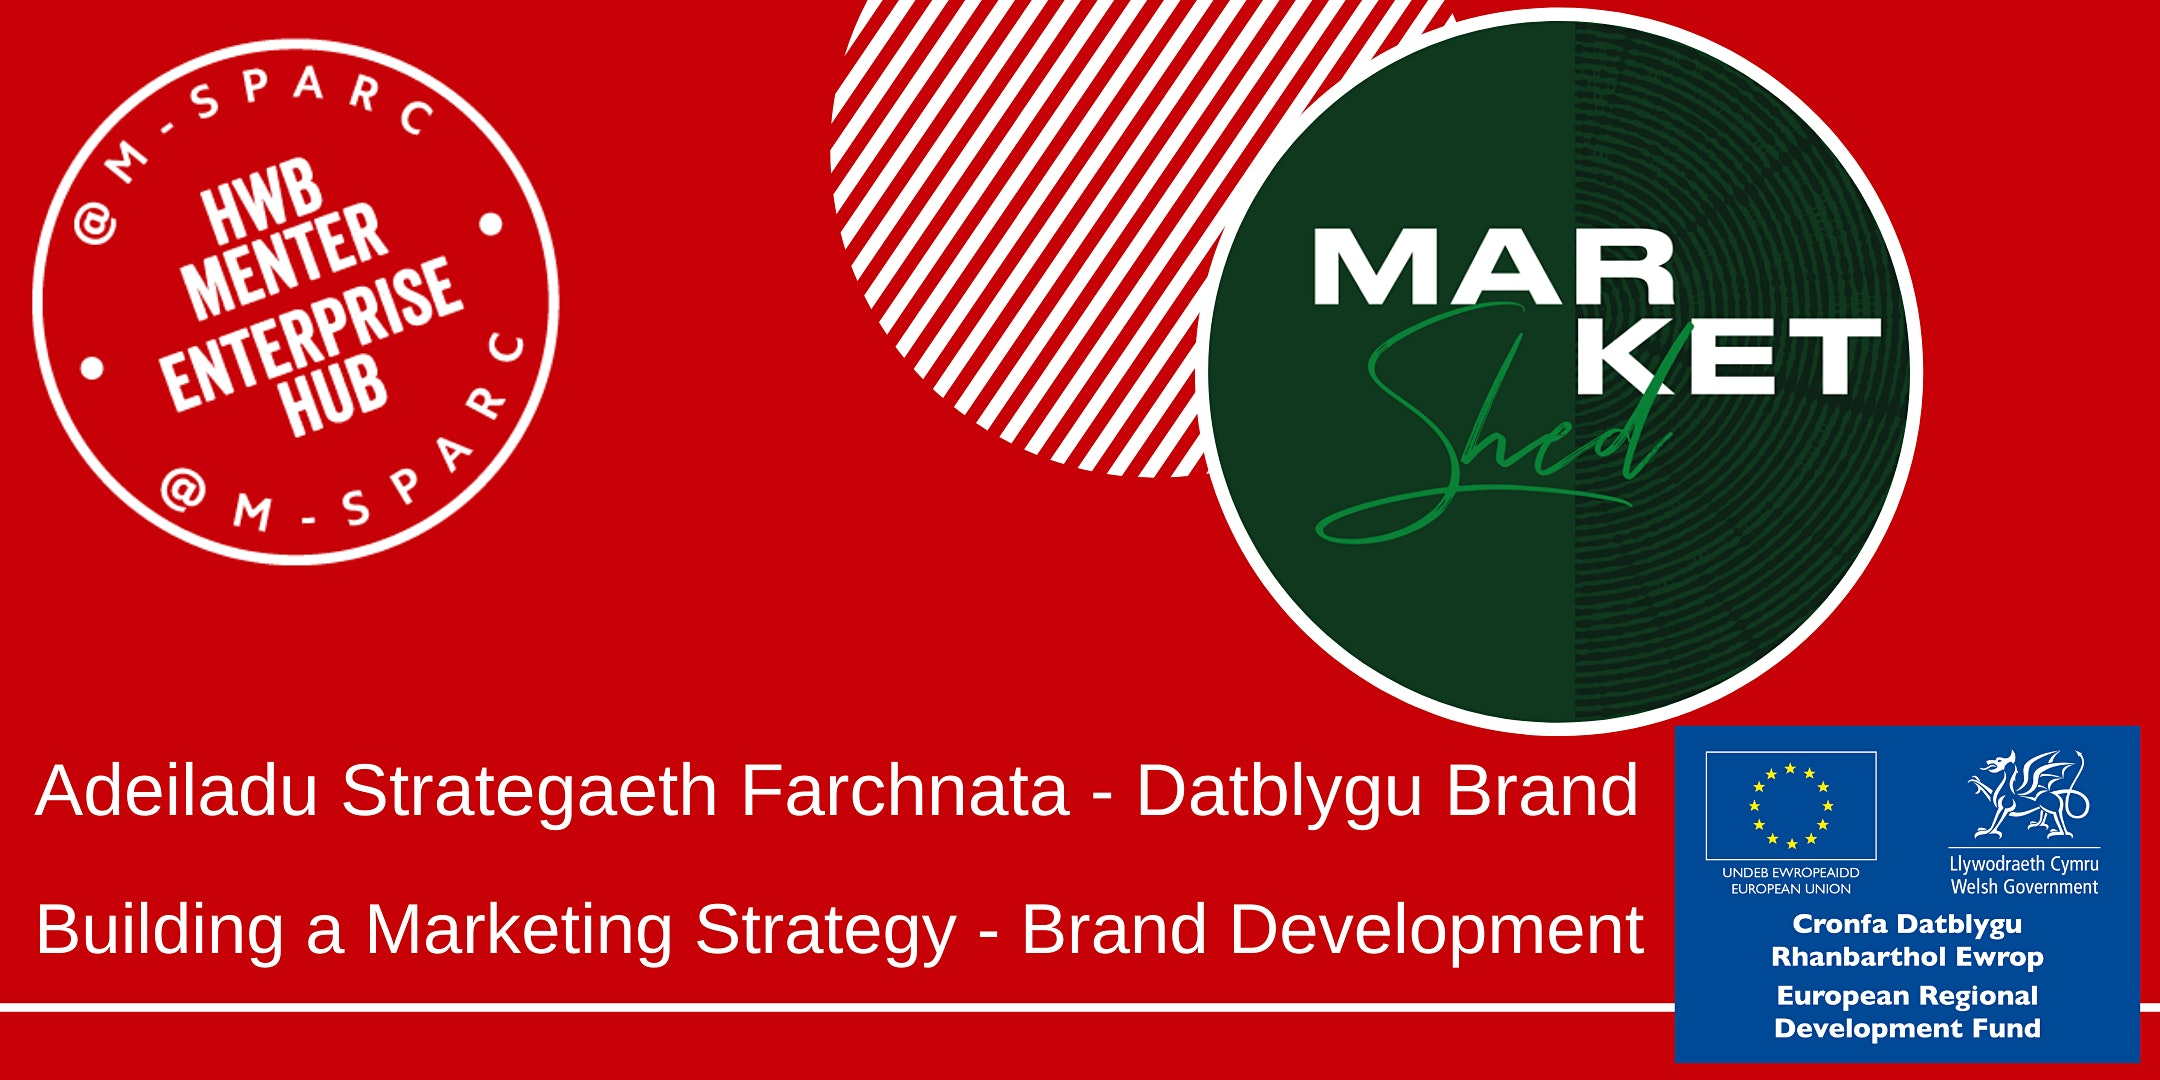 Adeiladu Strategaeth Farchnata // Building a Marketing Strategy